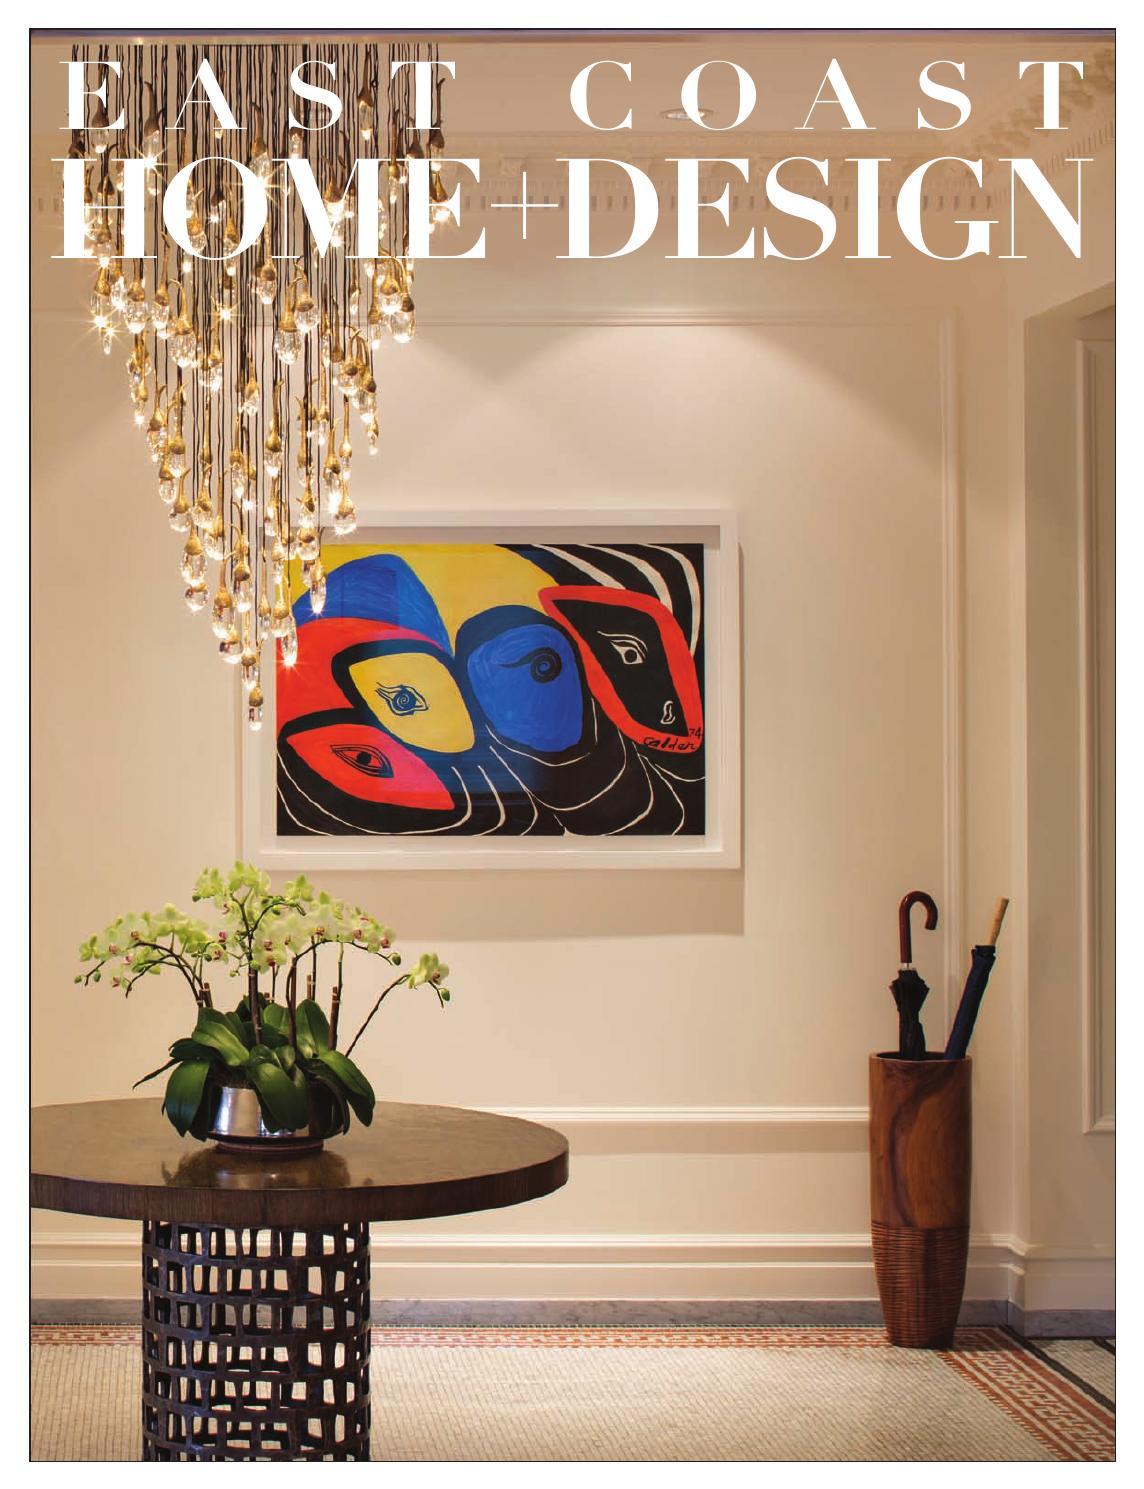 east coast home design january february 2016 by east coast